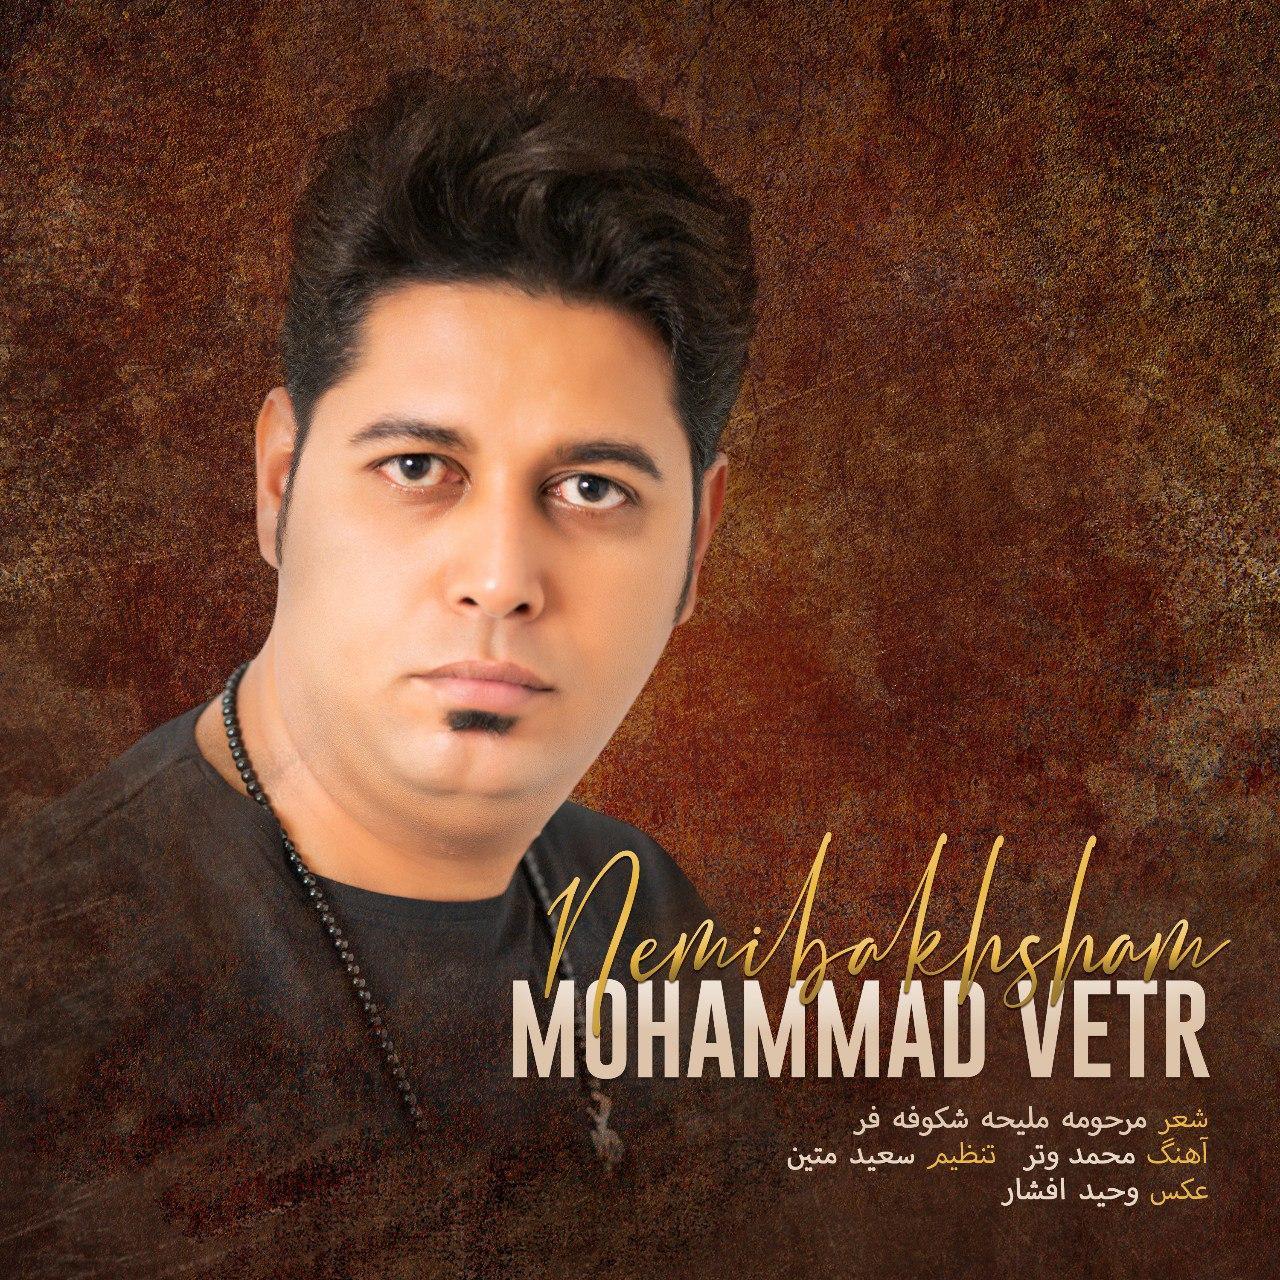 Mohammad vetr – Nemibakhsham